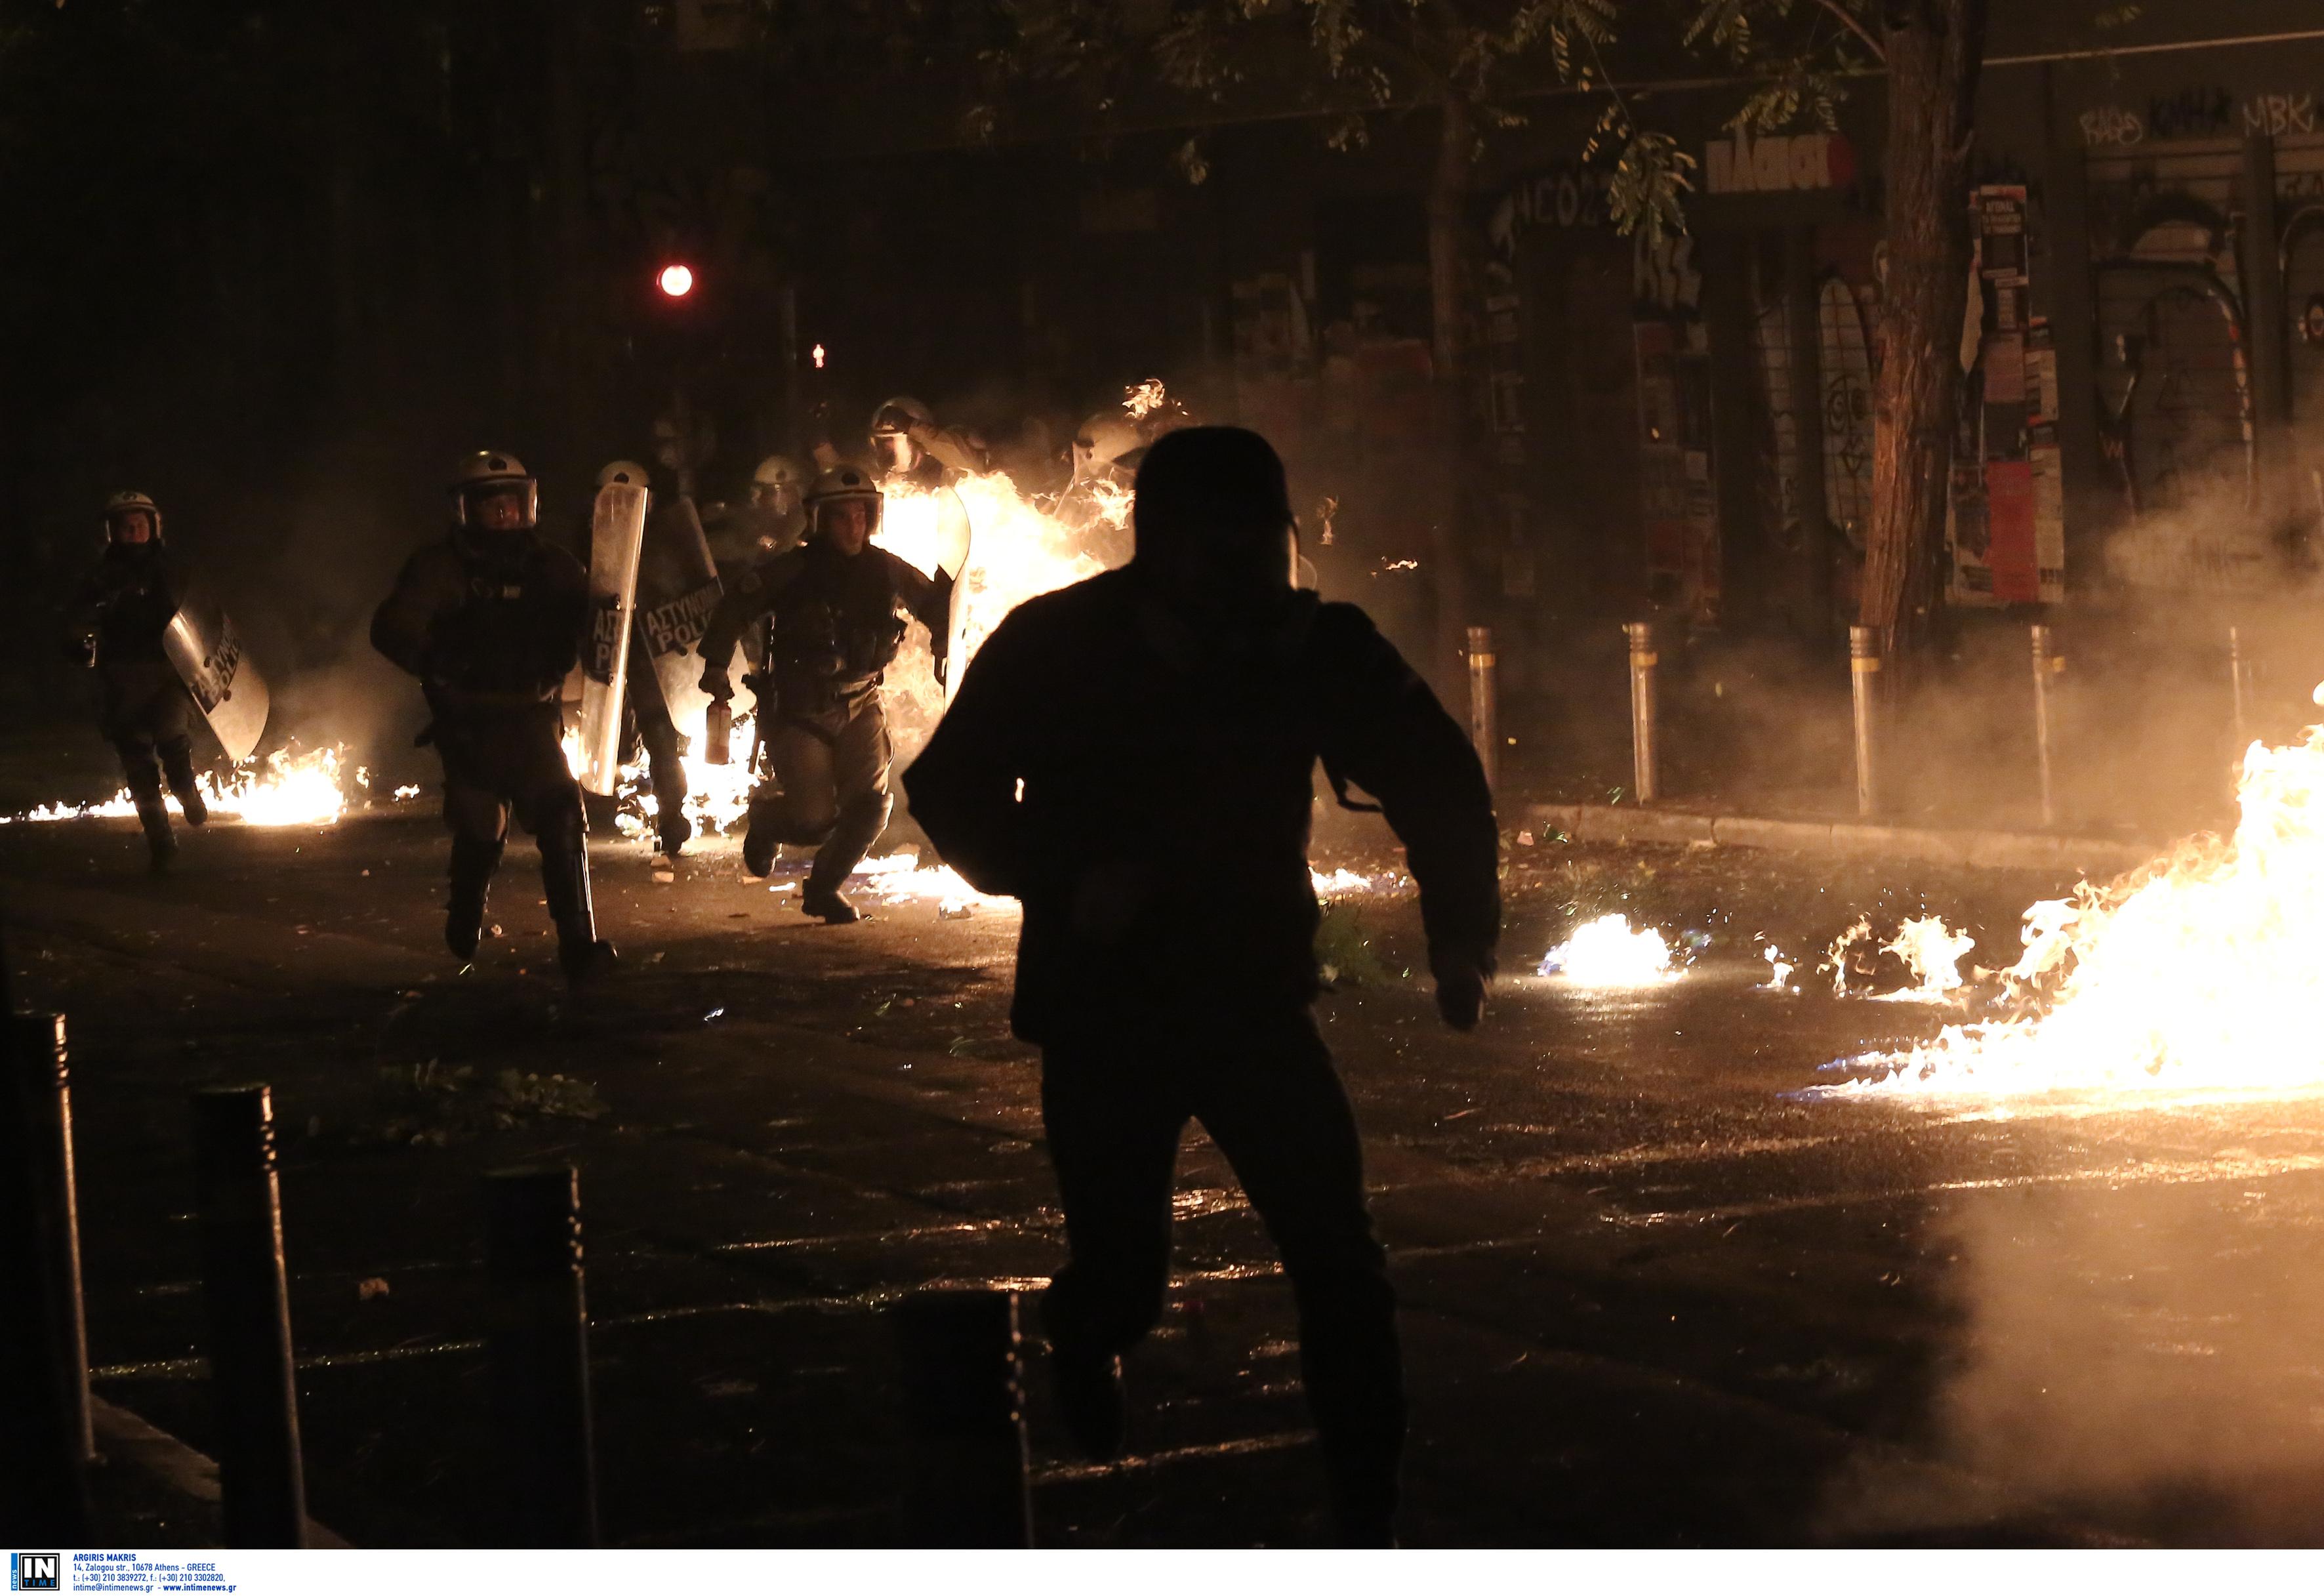 Επίθεση σε ΜΑΤ στα Εξάρχεια με μολότοφ – Φρουρούσαν κτίρια που έχουν εκκενωθεί